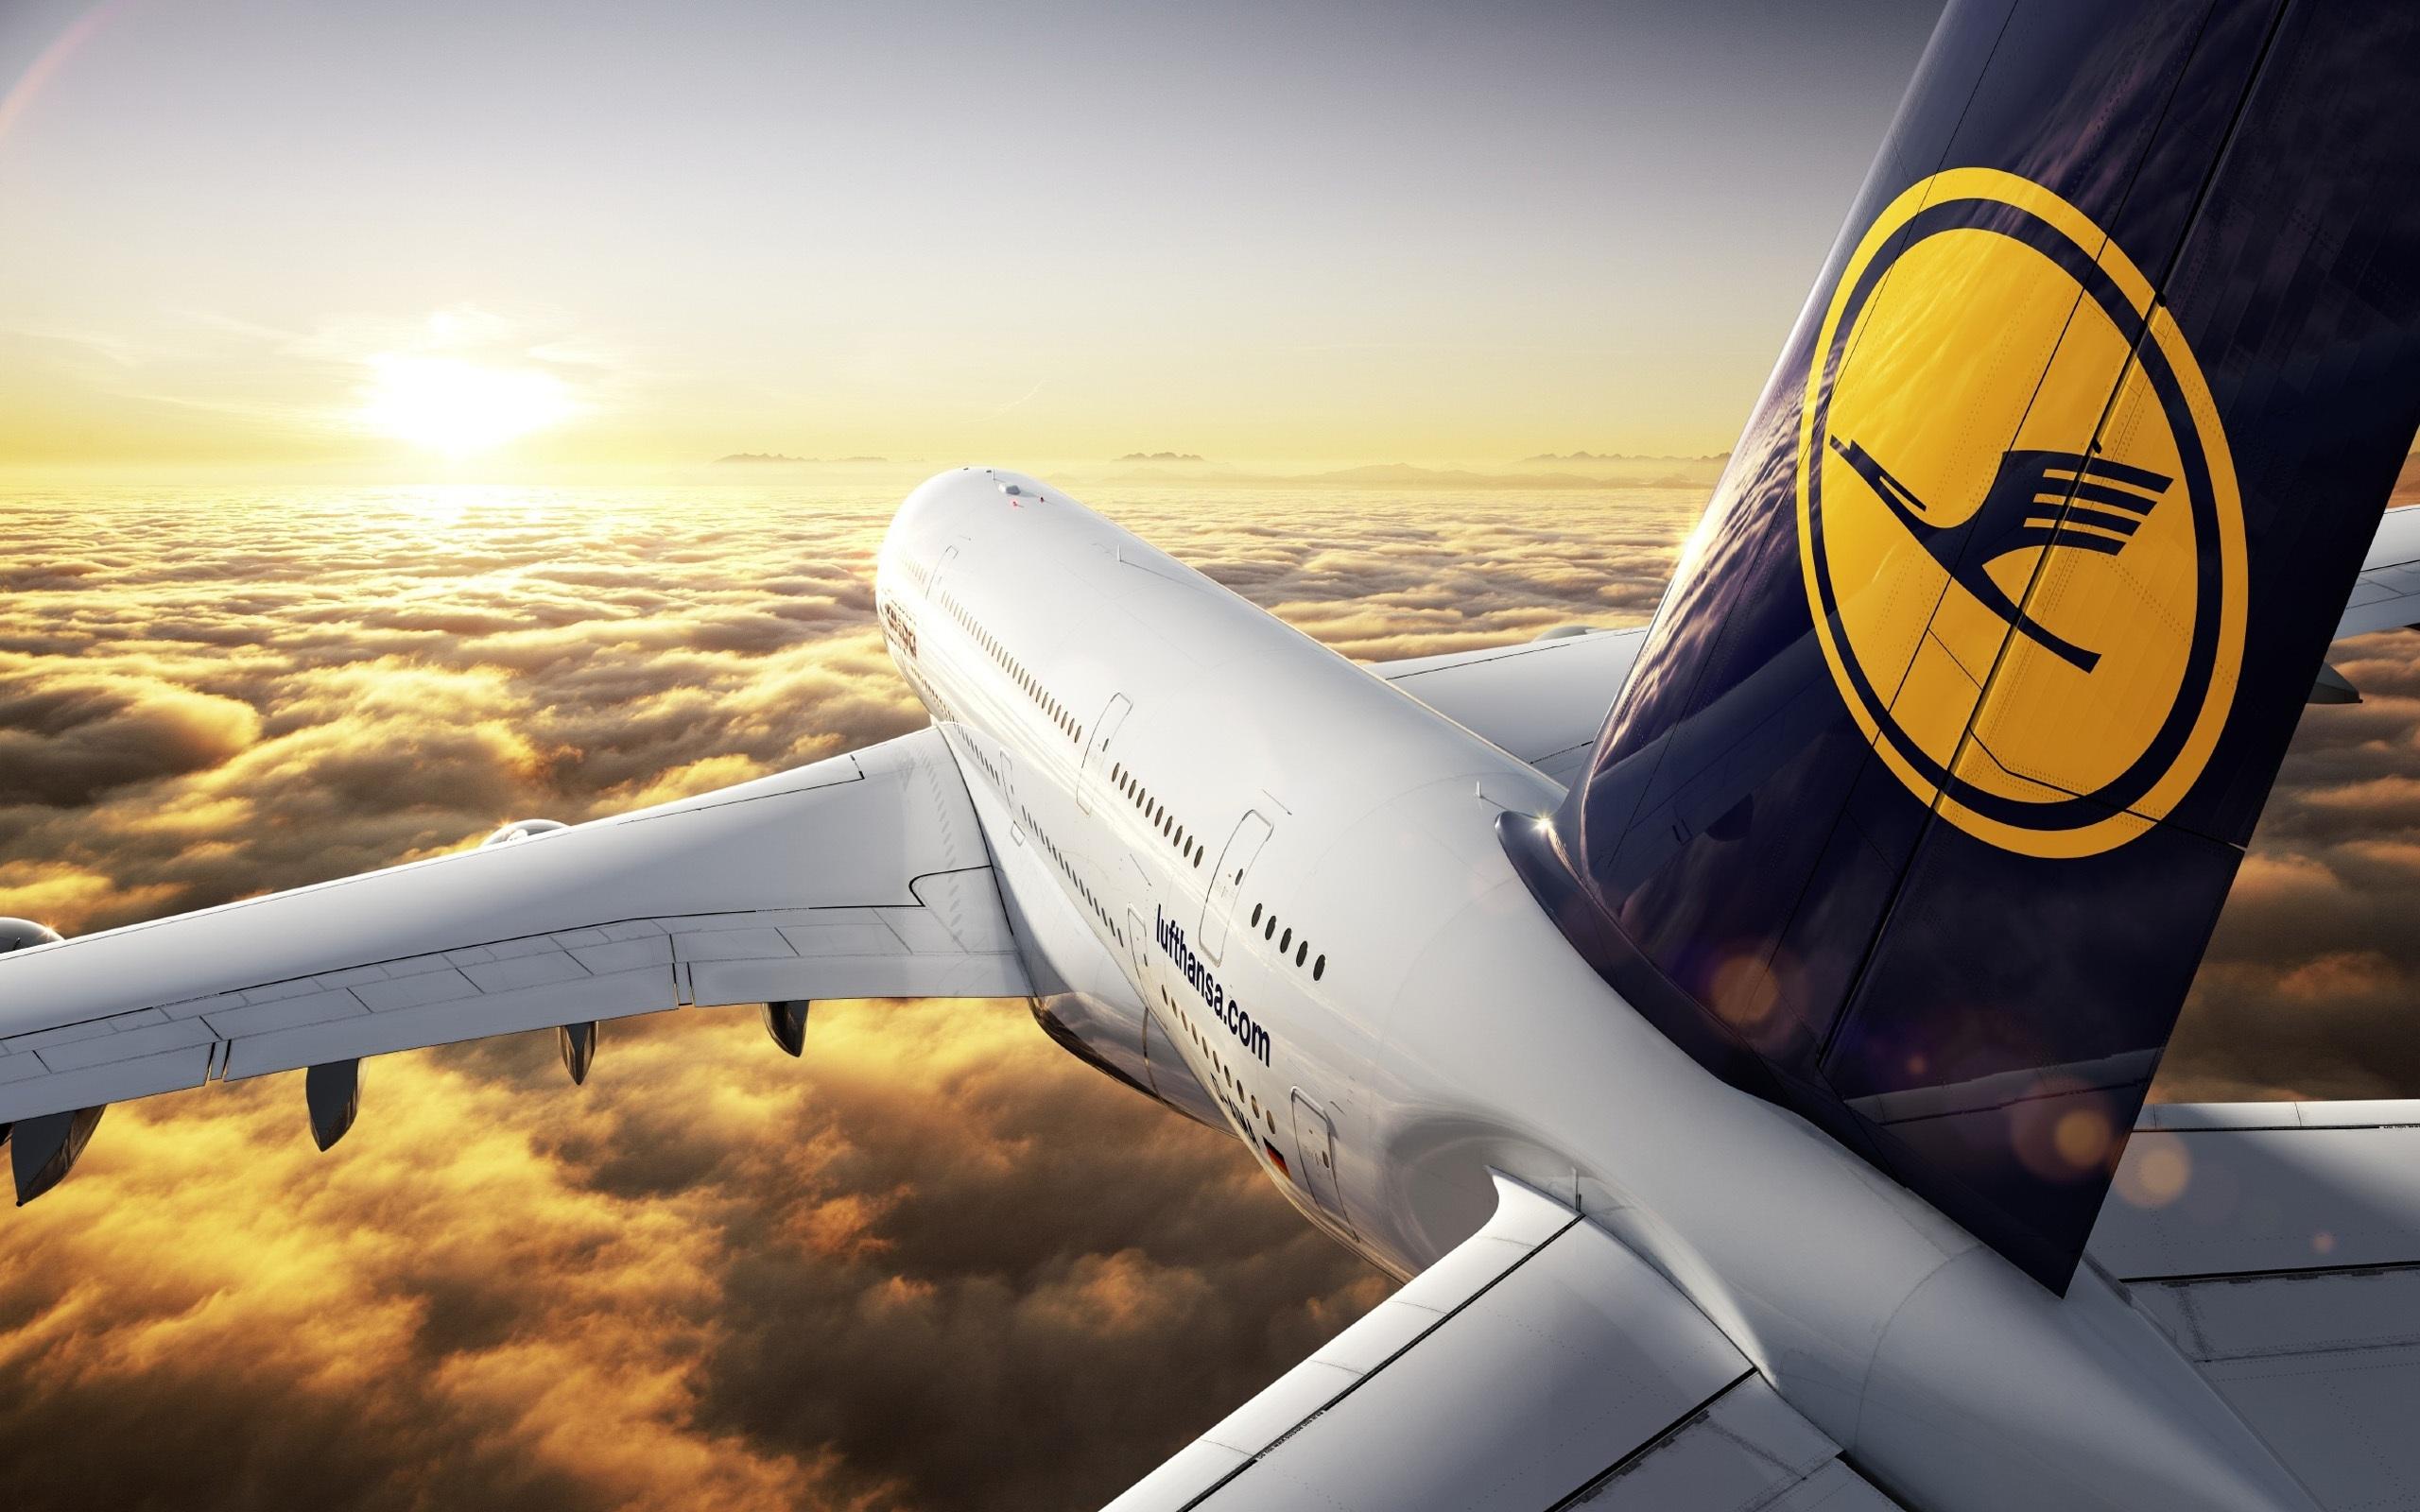 Papéis De Parede Airbus A380 2560x1600 HD Imagem